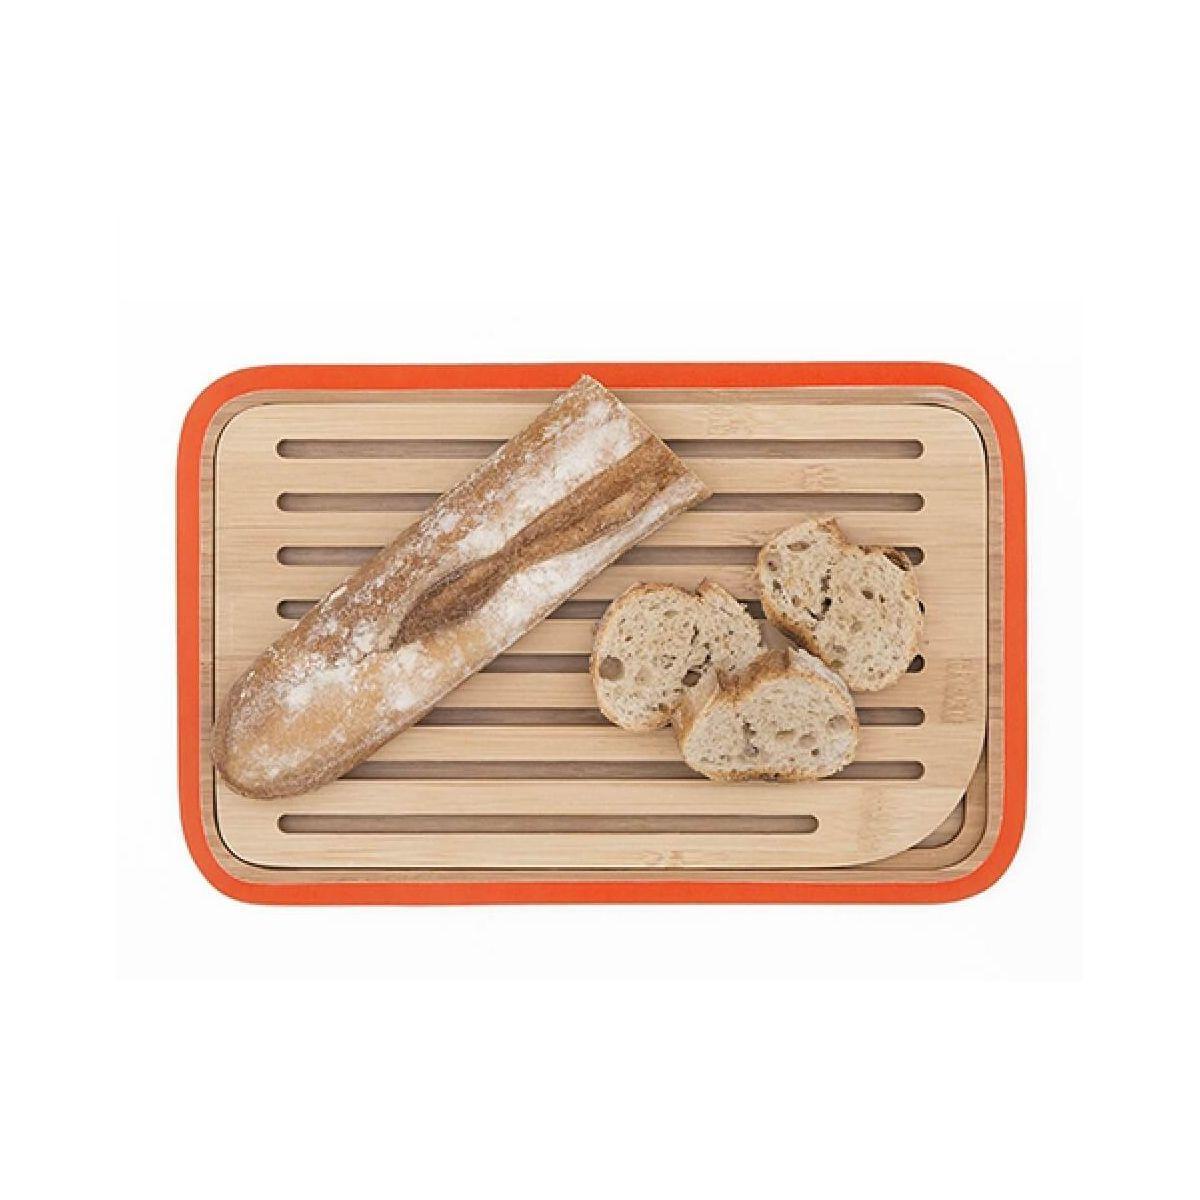 Planche pebbly à pain rouge 28x18 ramass - 20% de remise immédiate avec le code : pam20